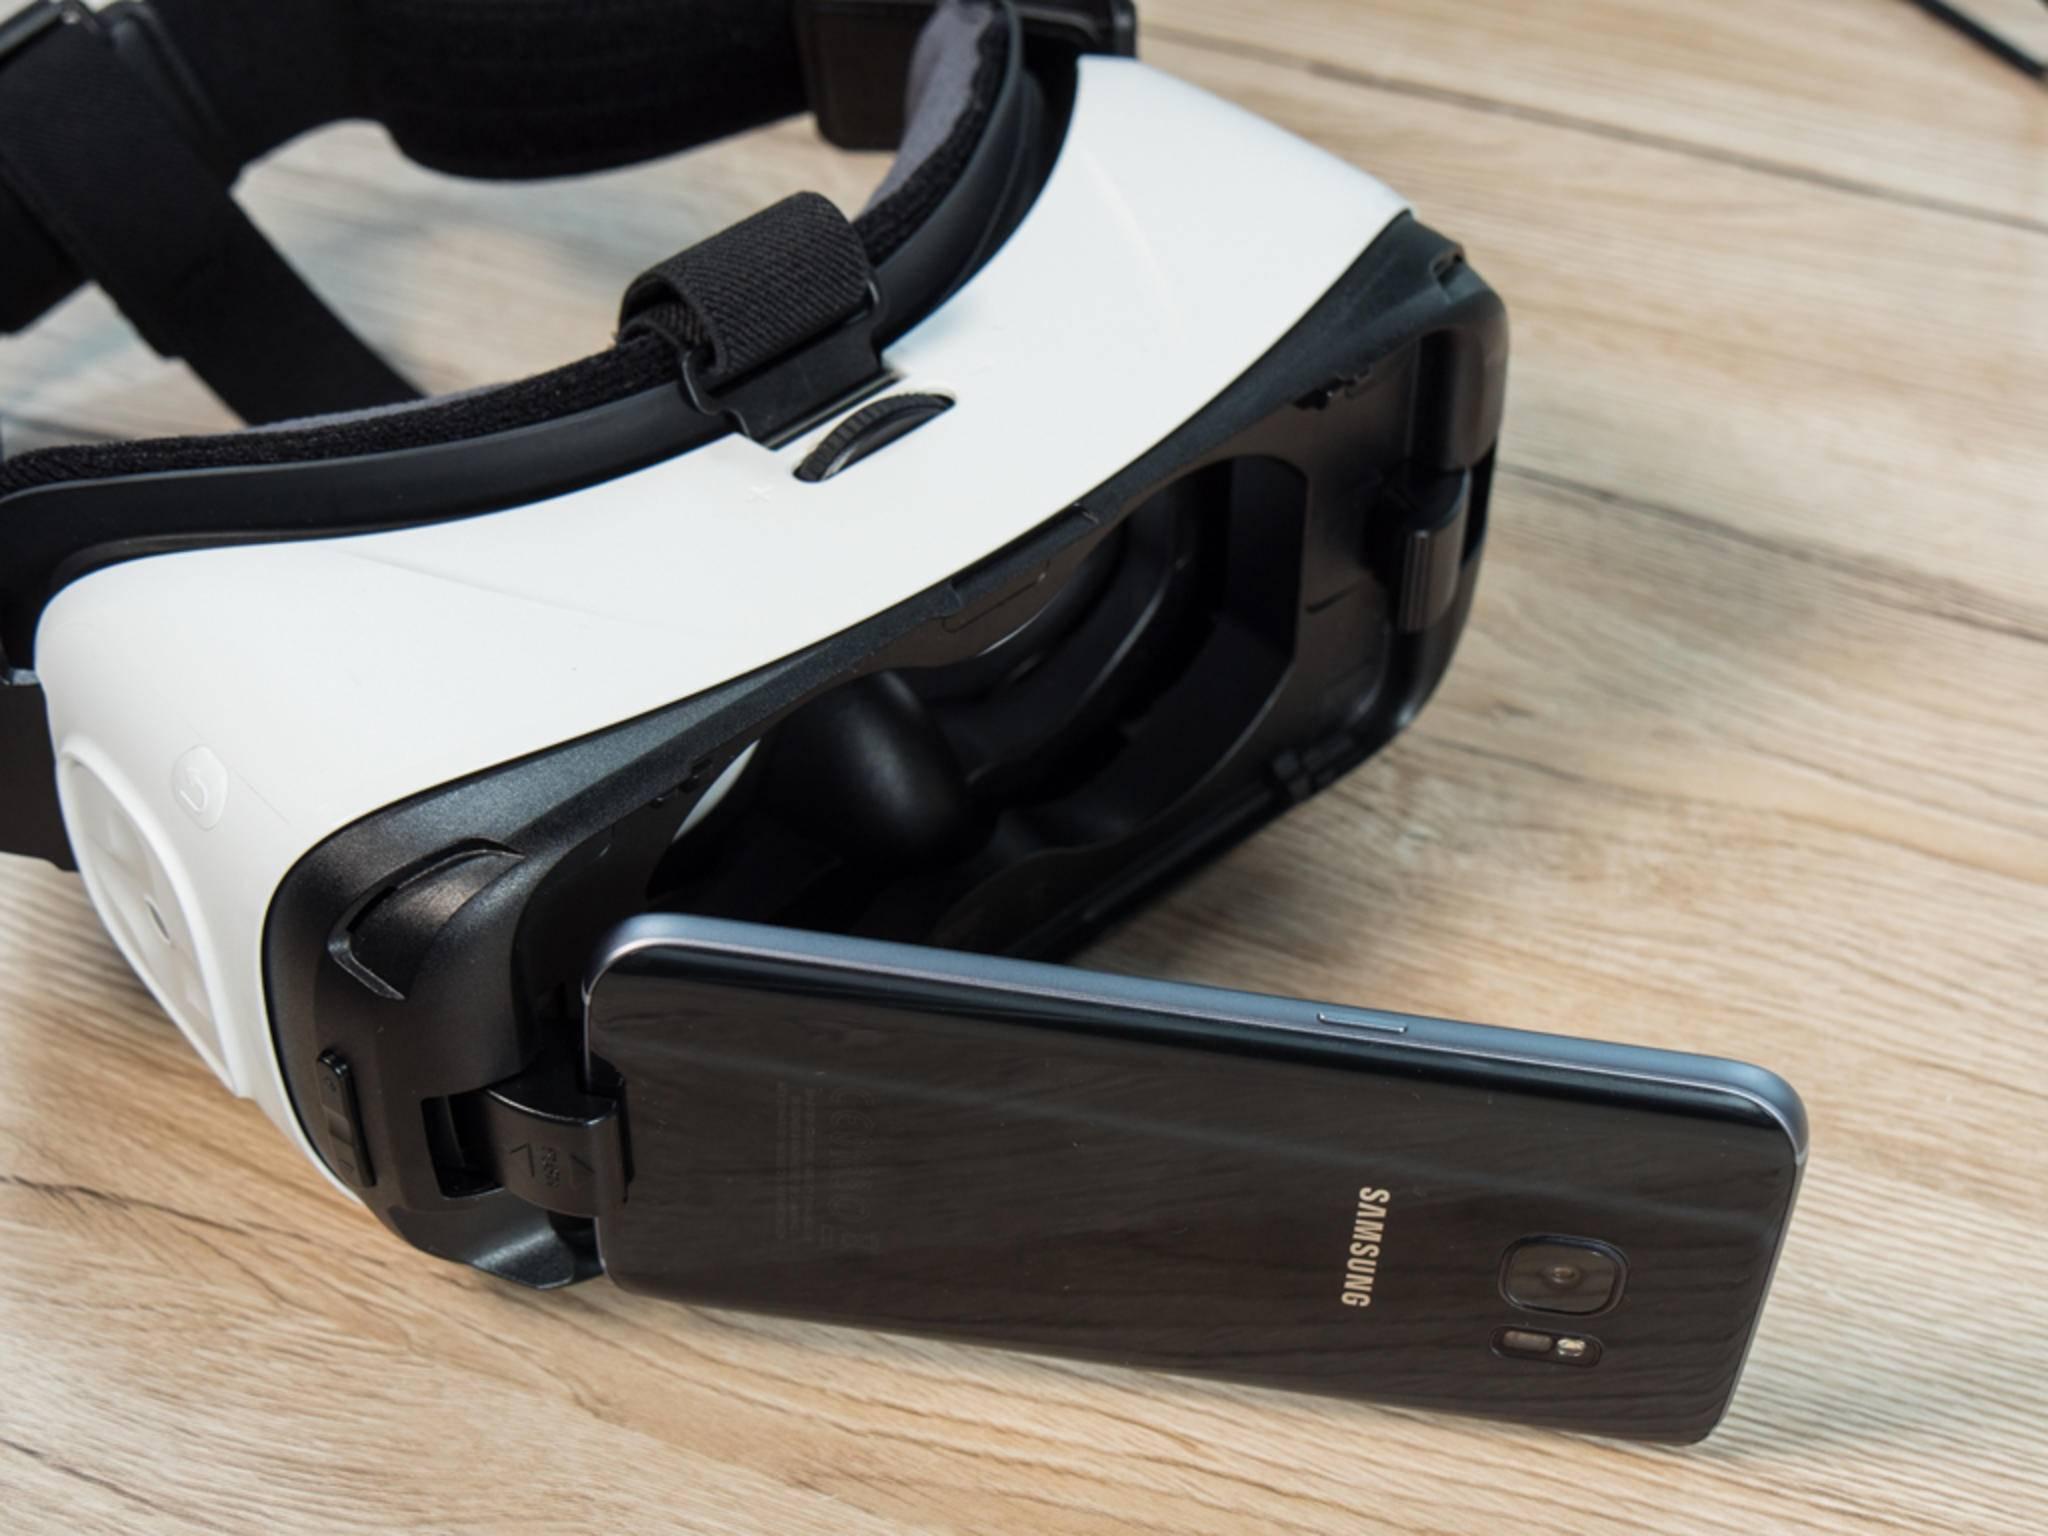 Schließlich klappt man das Galaxy-S-Smartphone ein und nutzt es als Display.